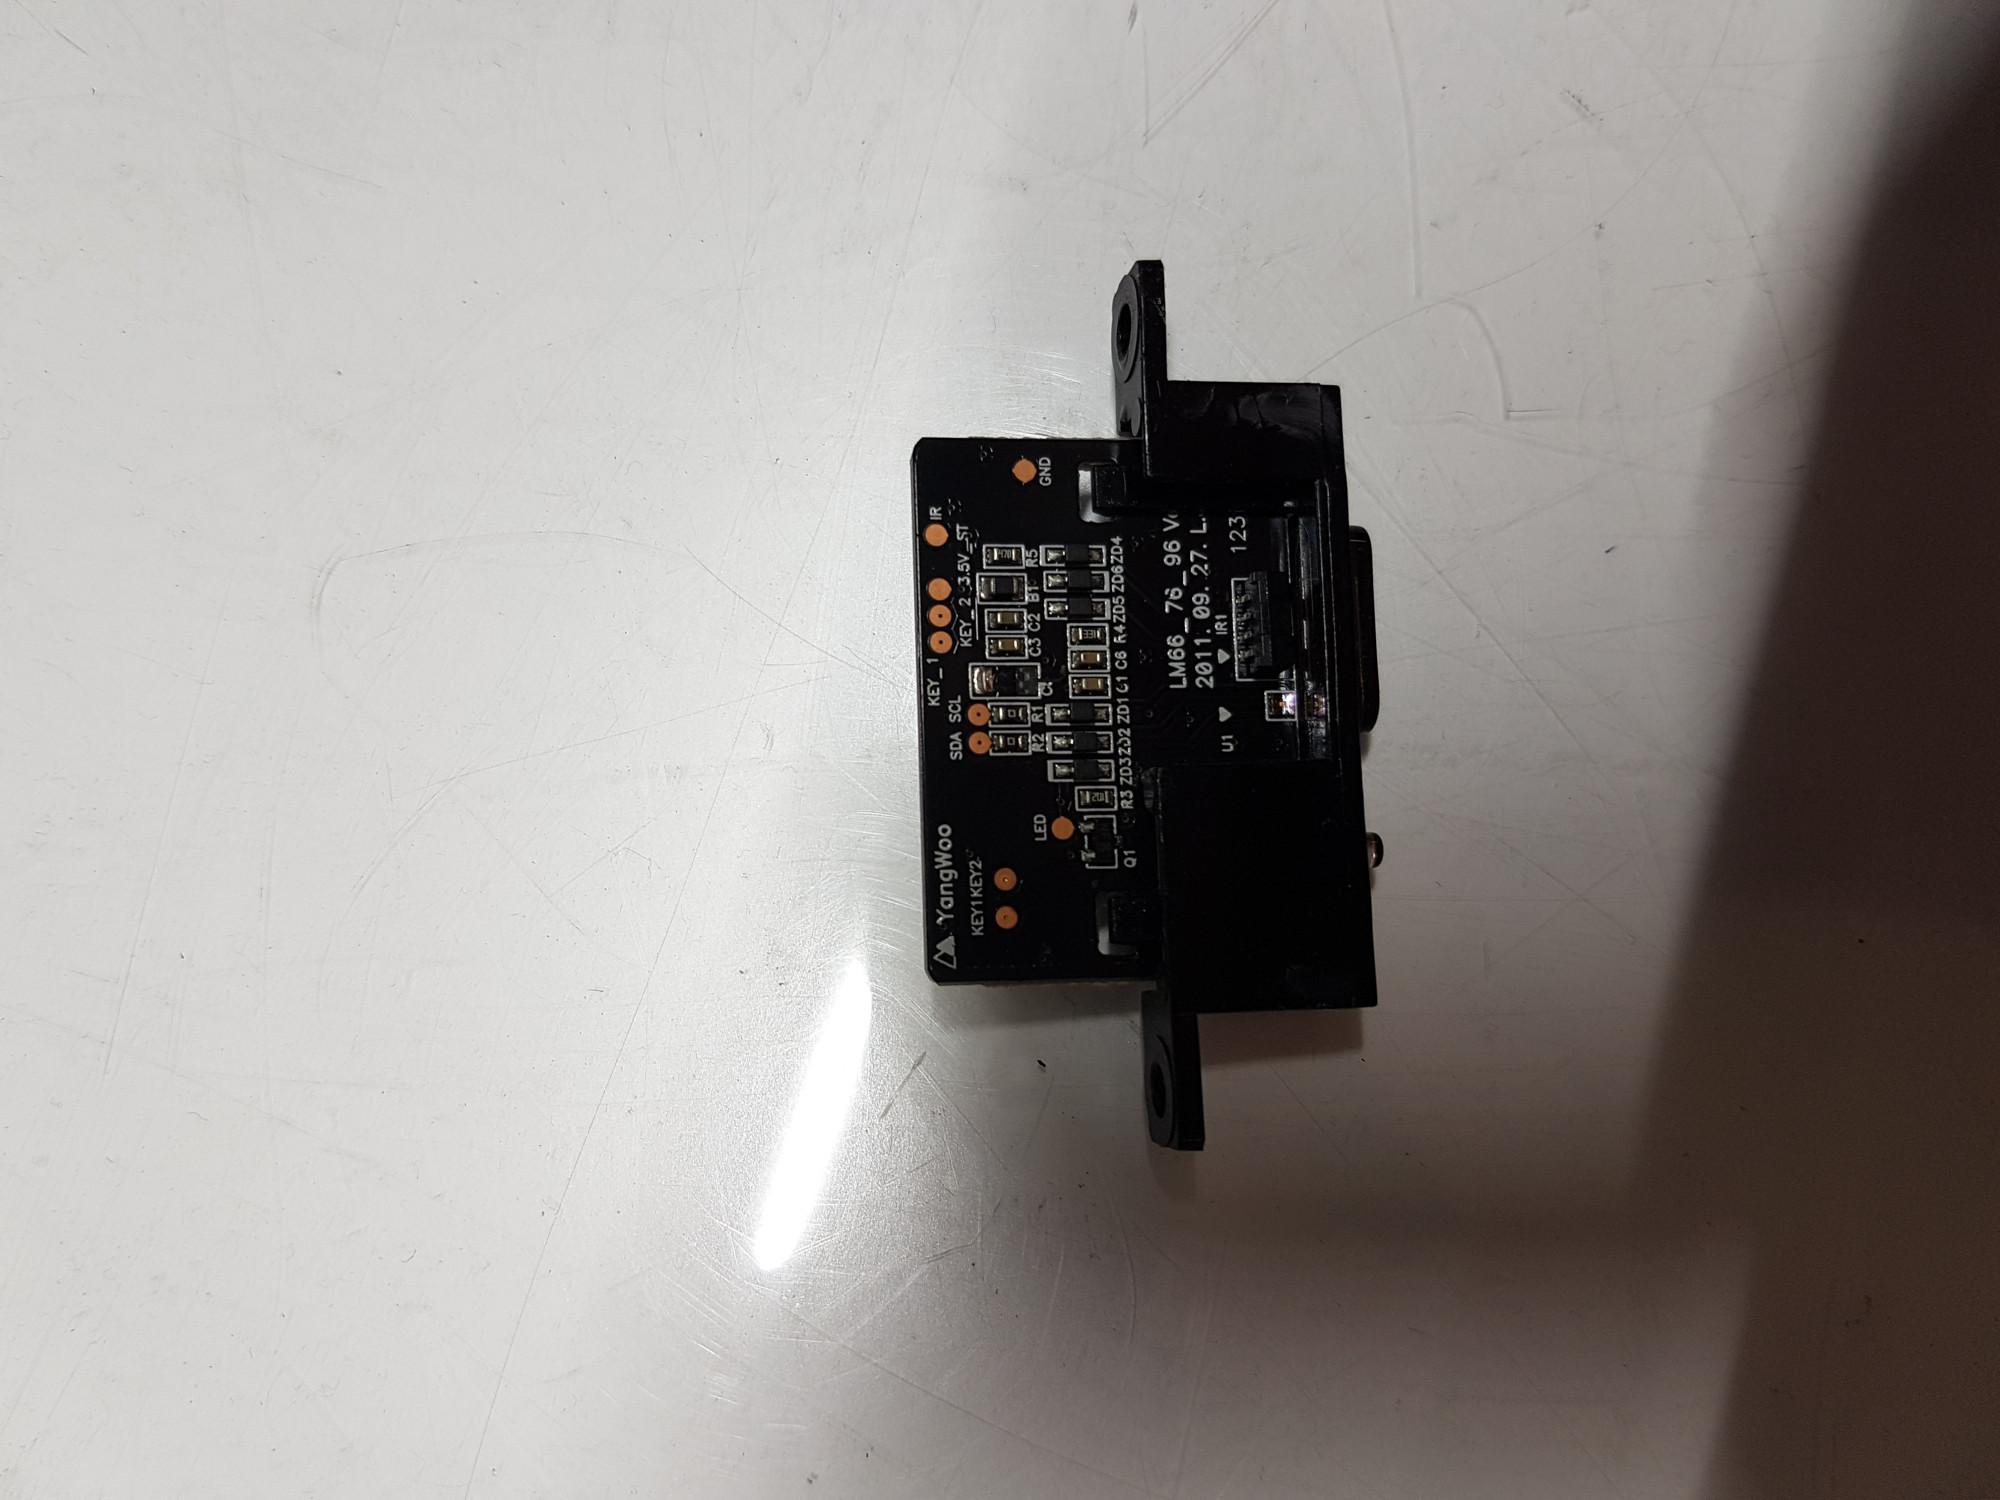 Details about EBR74560901 IR REMOTE CONTROL SENSOR FOR LG GENUINE  42LM670T-ZA BEKWLJG